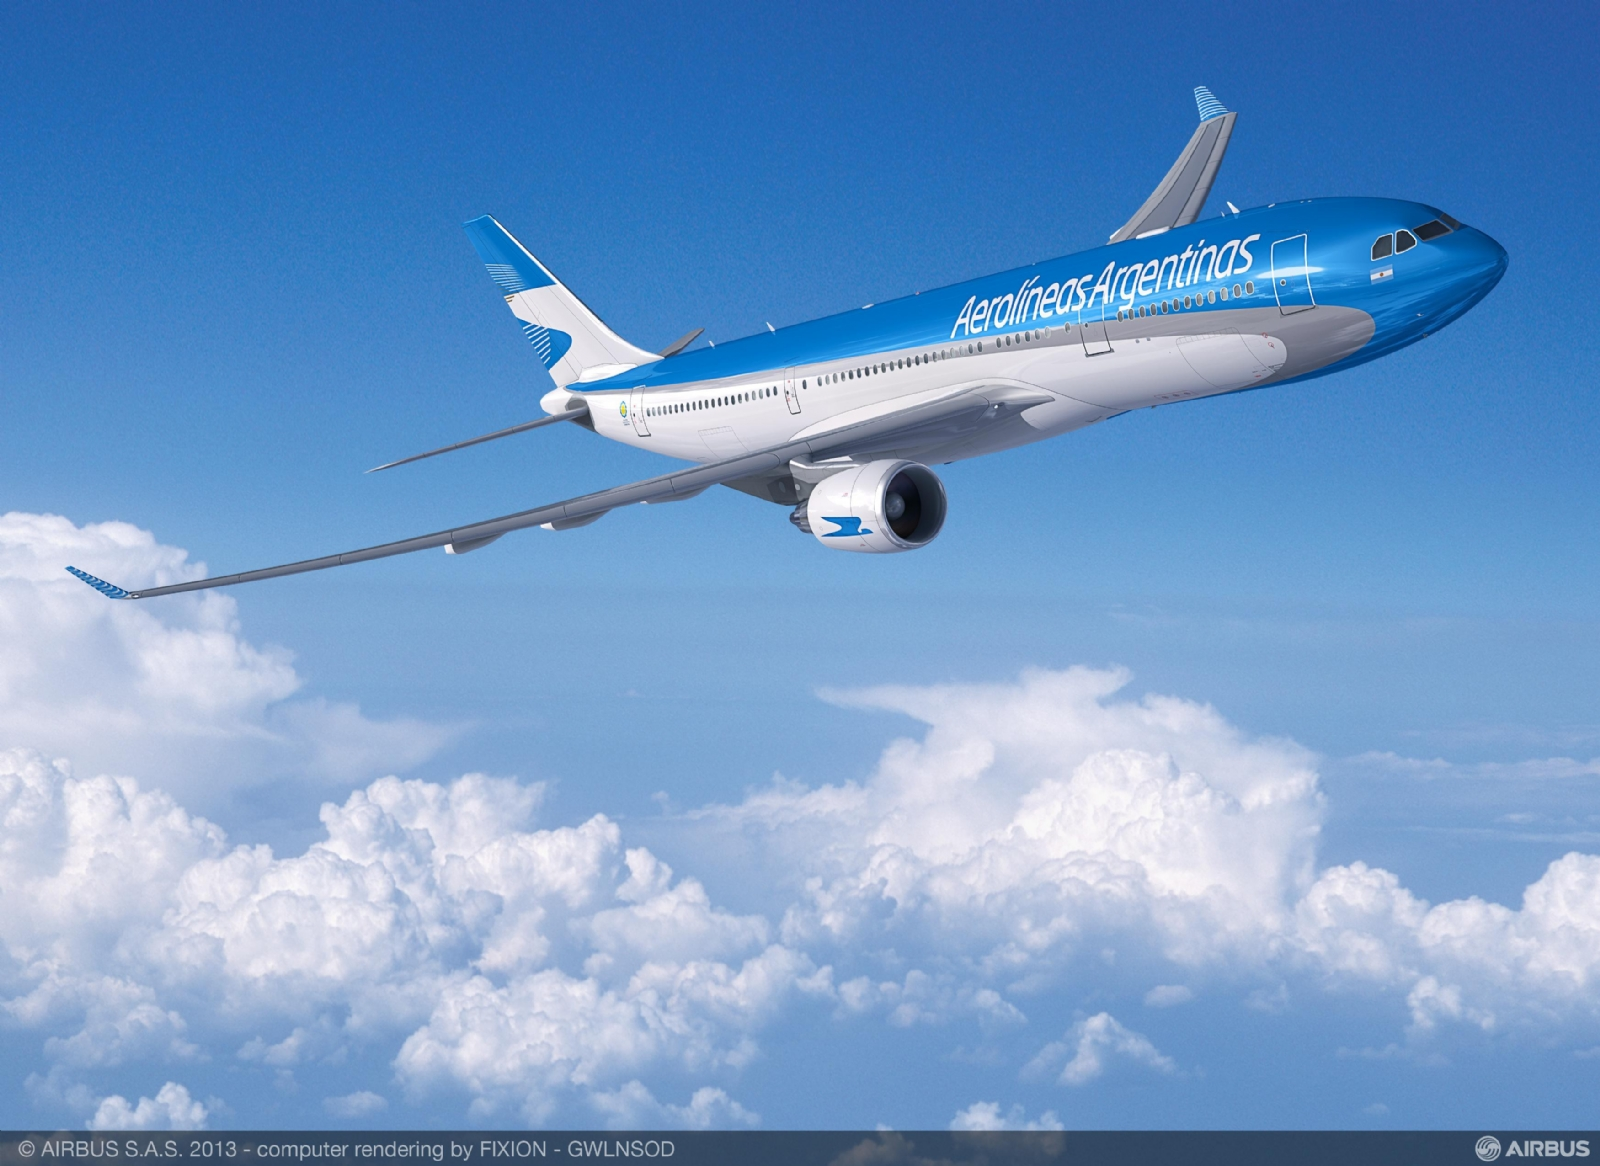 Aerolíneas Argentinas advirtió sobre una falsa promoción con pasajes